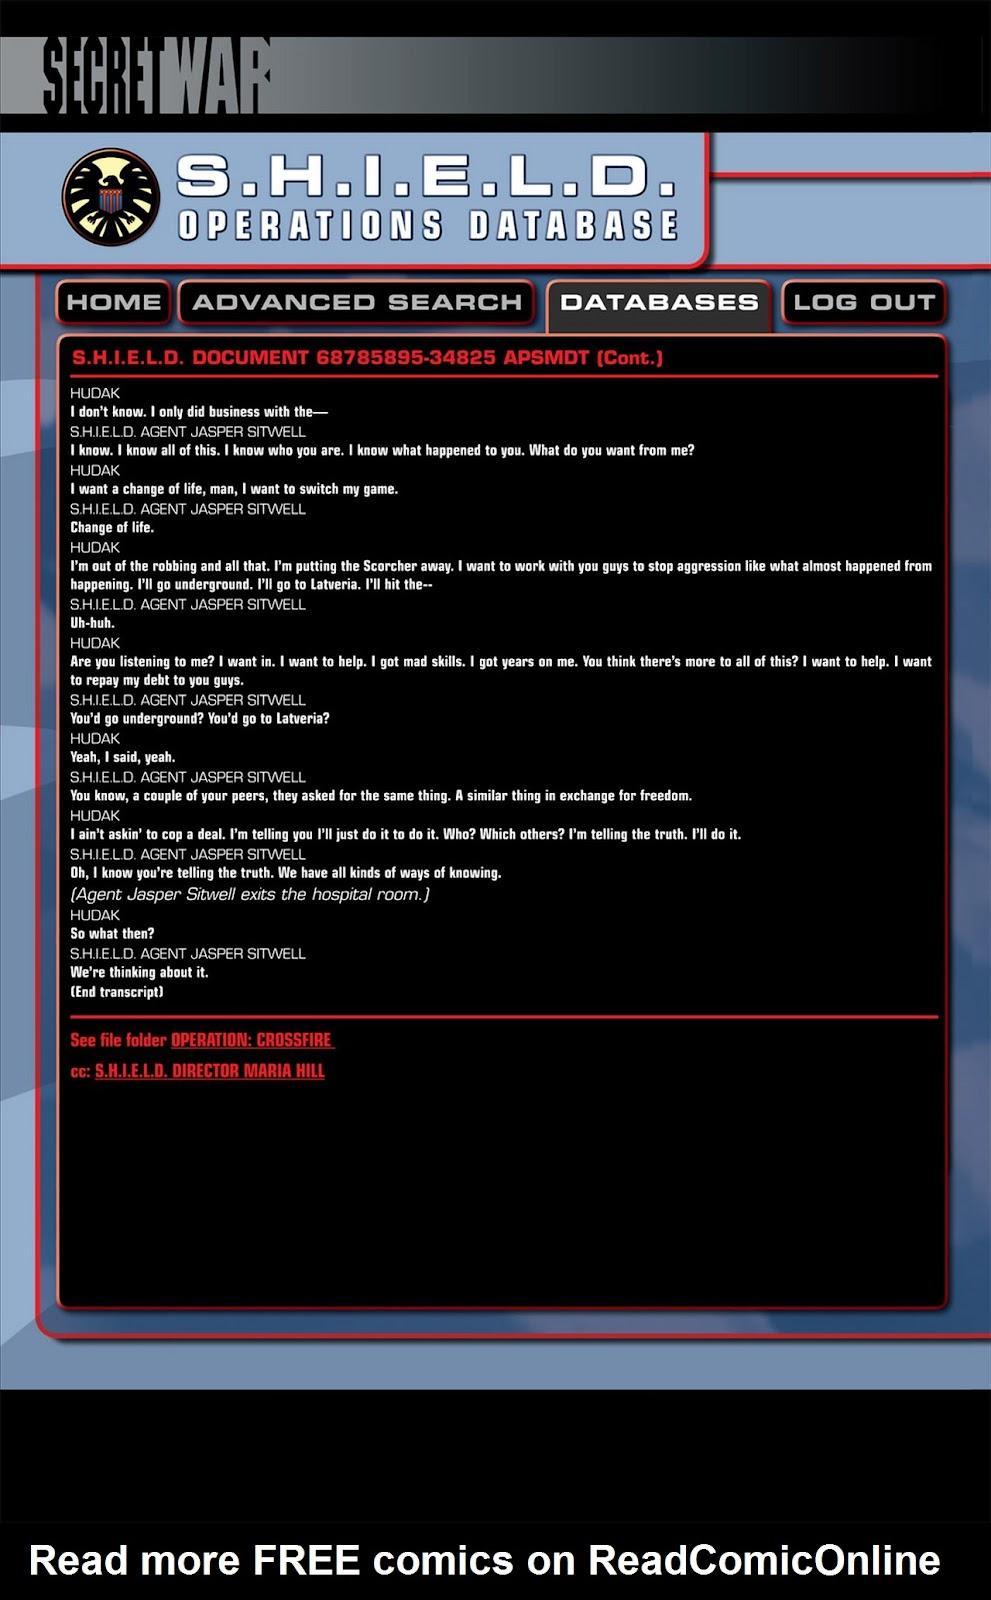 Read online Secret War comic -  Issue #5 - 32